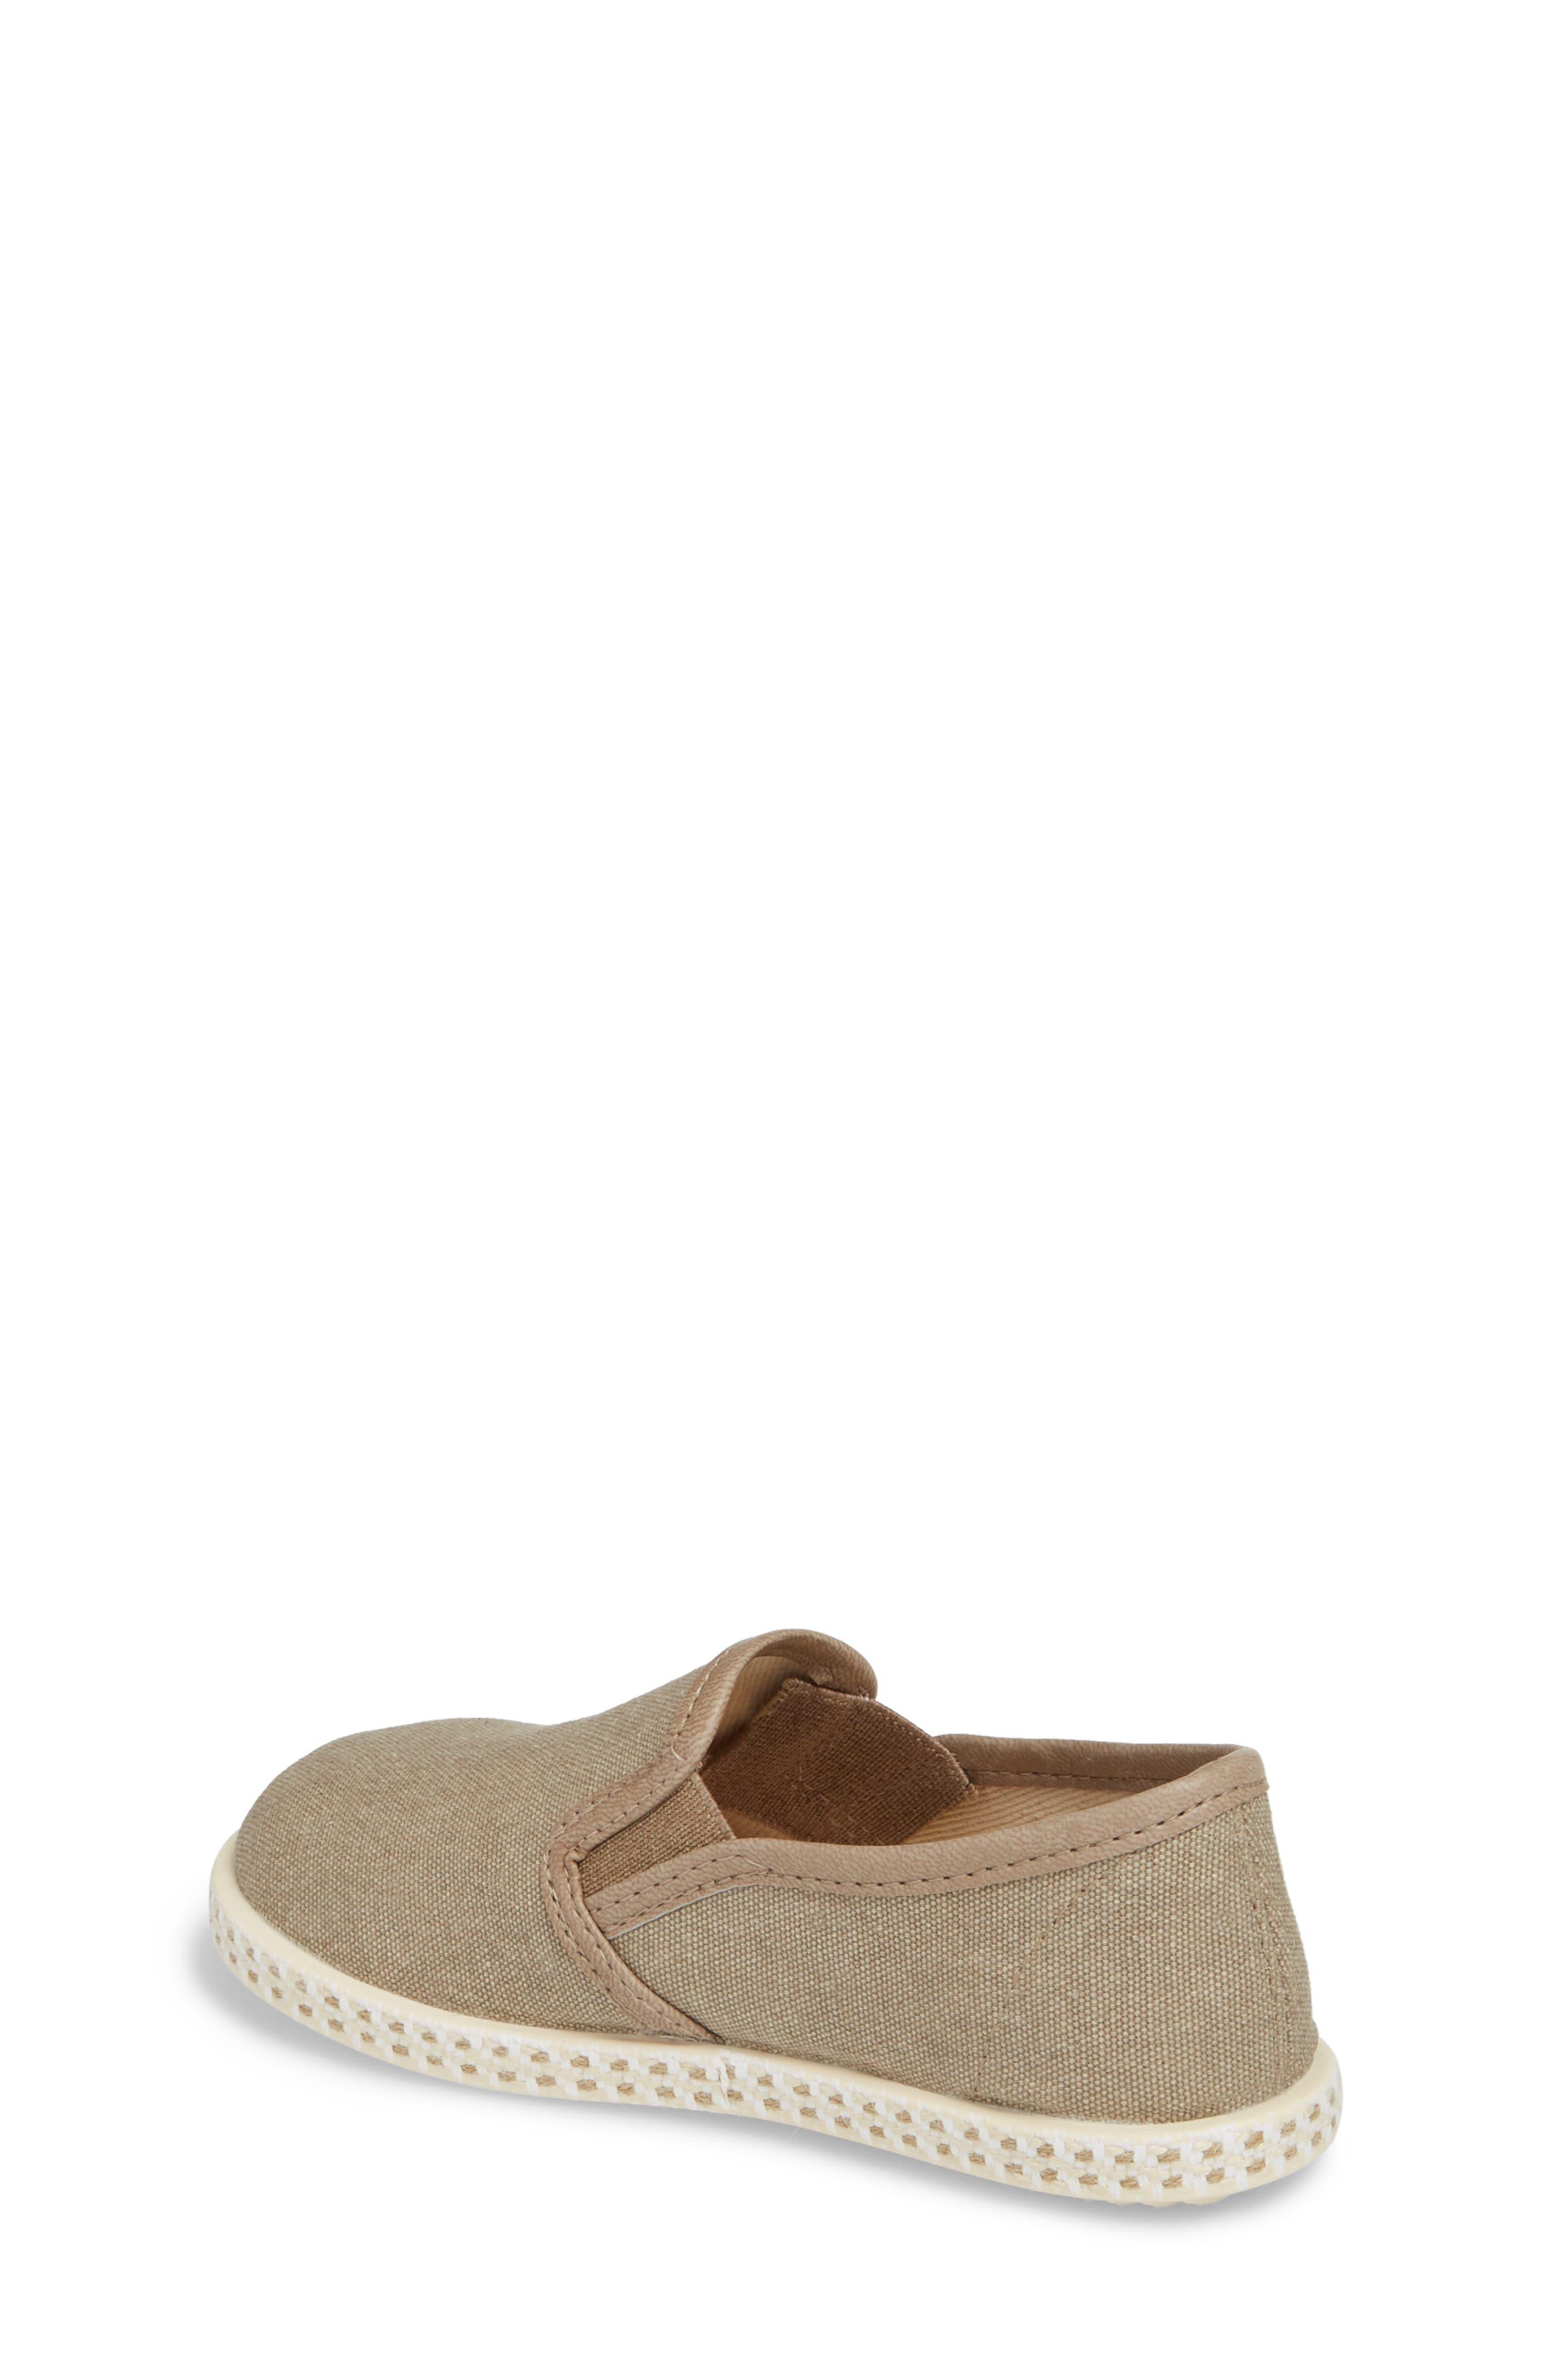 Lona Slip-On Sneaker,                             Alternate thumbnail 2, color,                             TAUPE